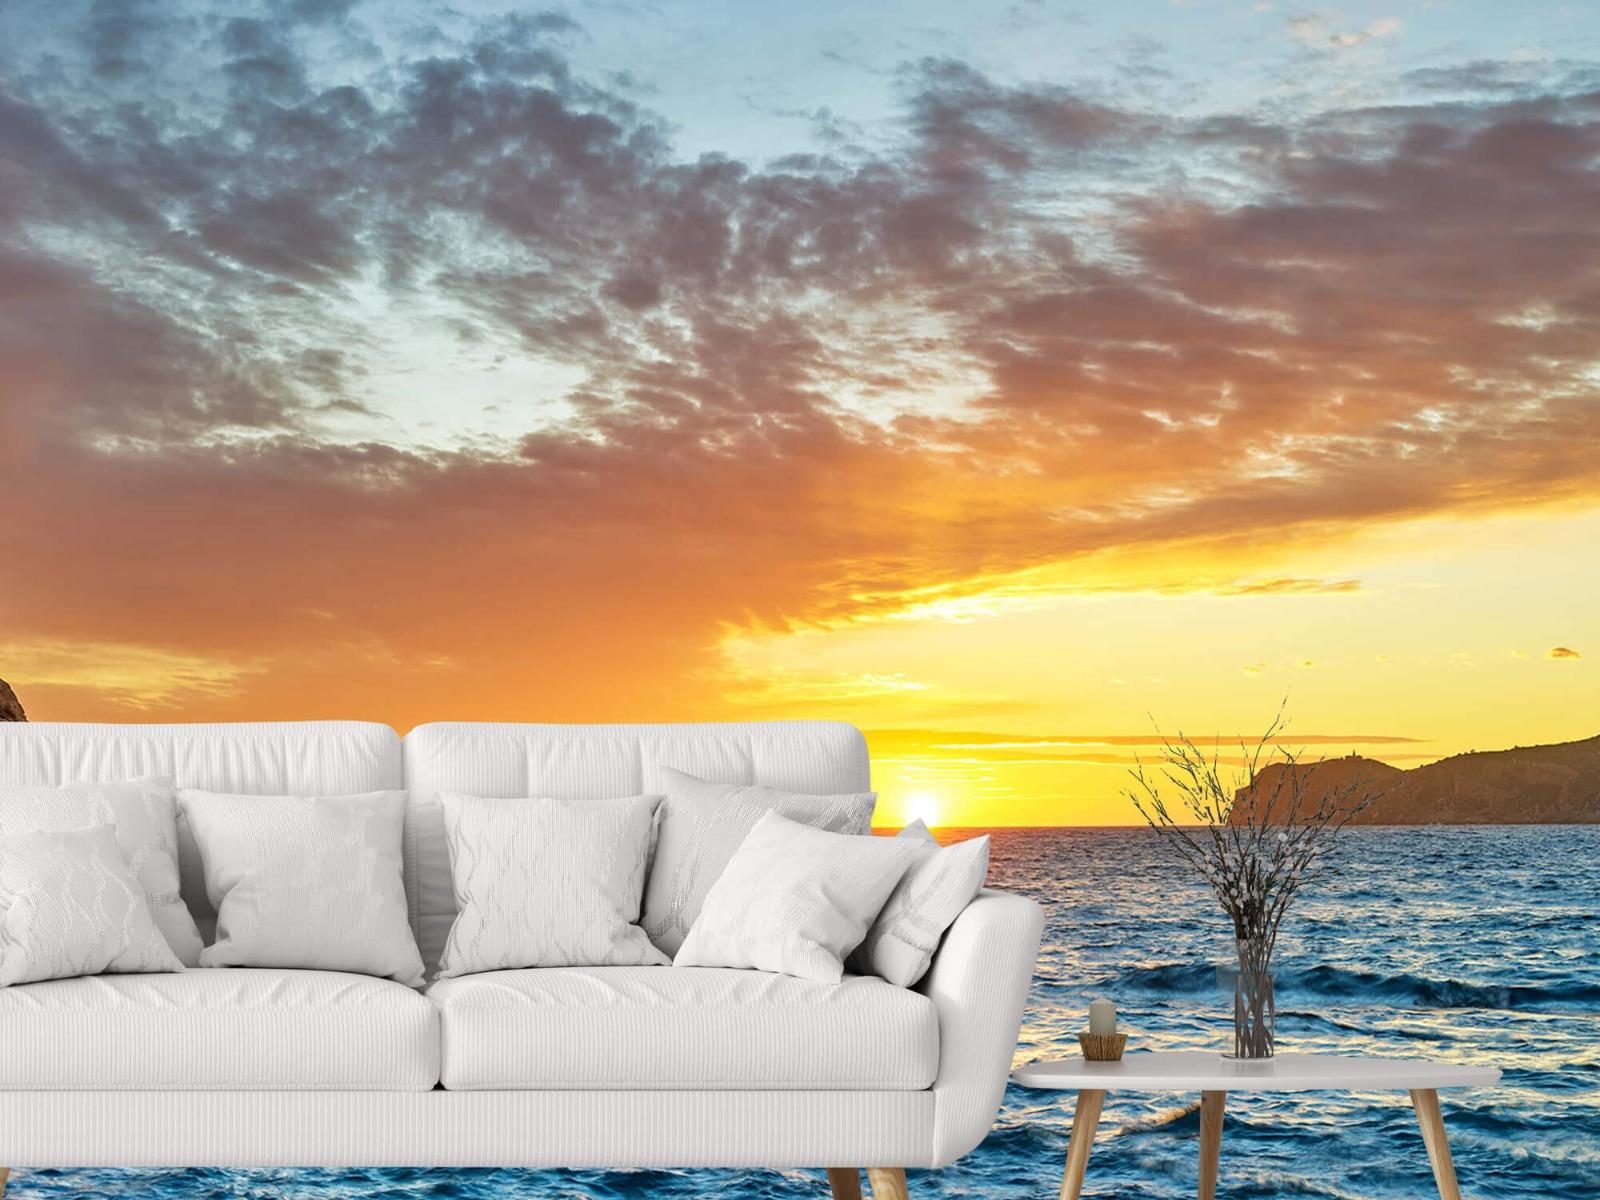 Zon - Zonsondergang op een eiland - Slaapkamer 3